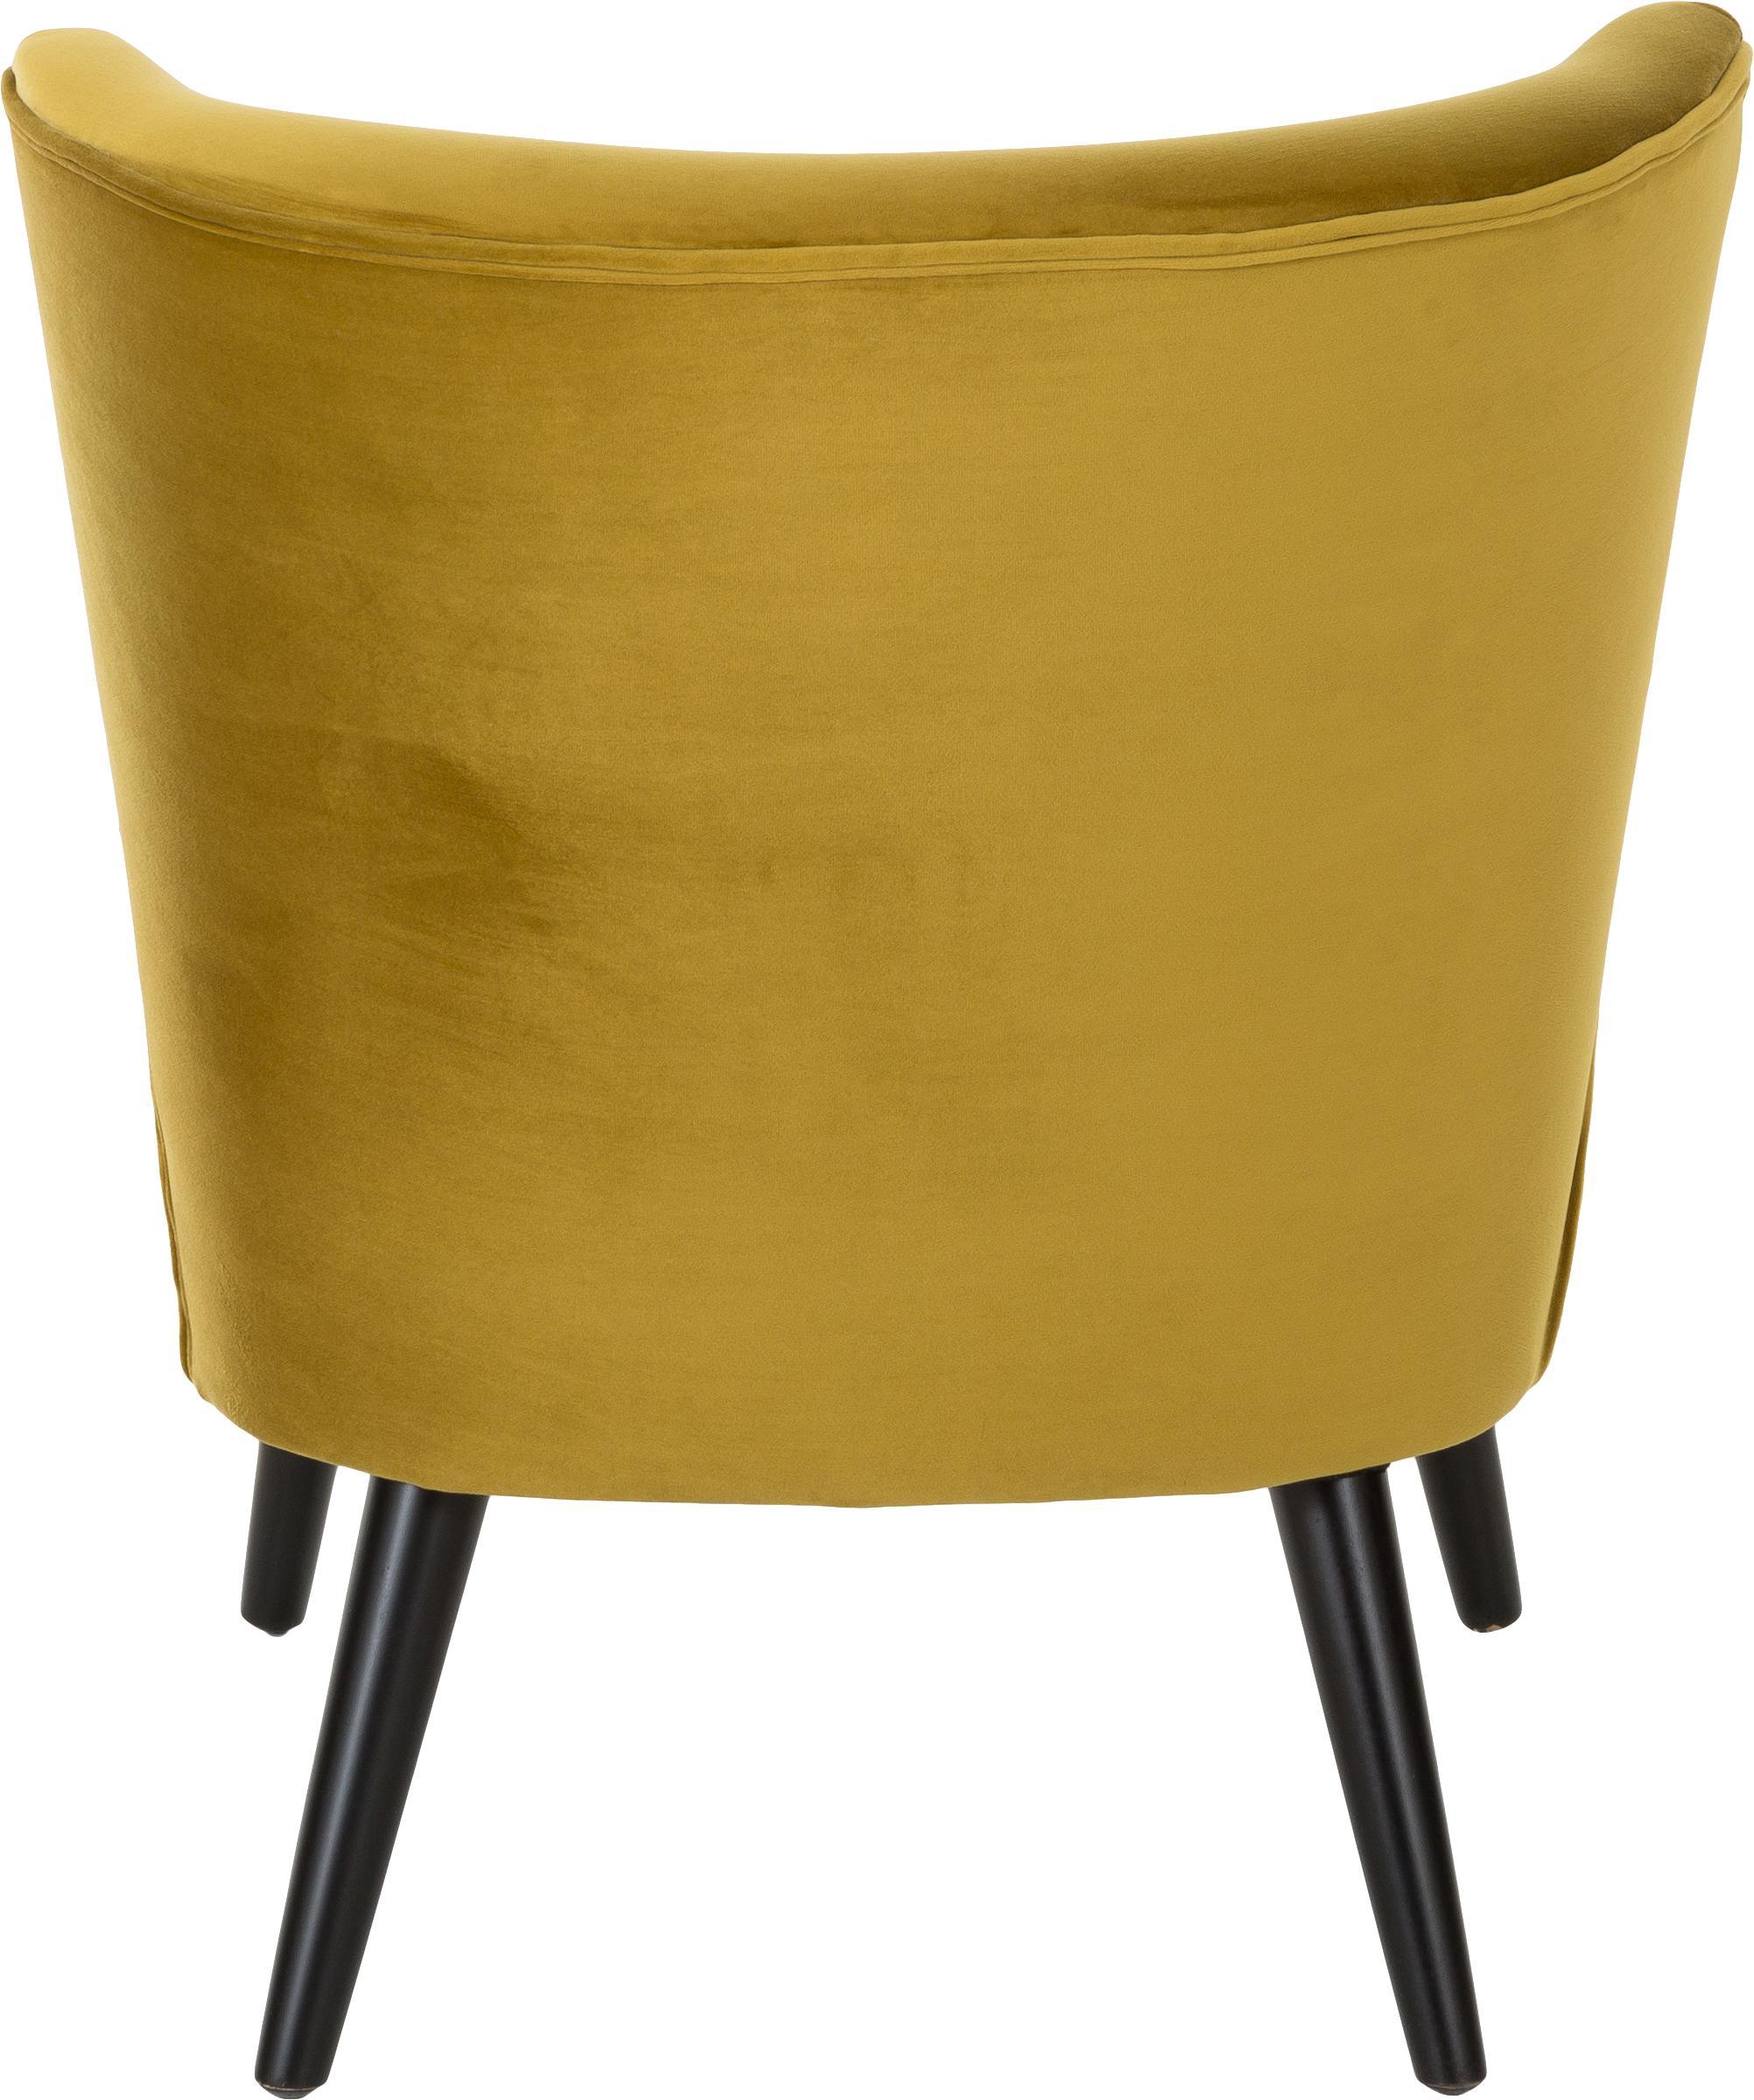 Samt-Cocktailsessel Robine in Olivgelb, Bezug: Samt (Polyester) 30.000 S, Füße: Kiefernholz, lackiert, Samt Olivgelb, B 63 x T 73 cm